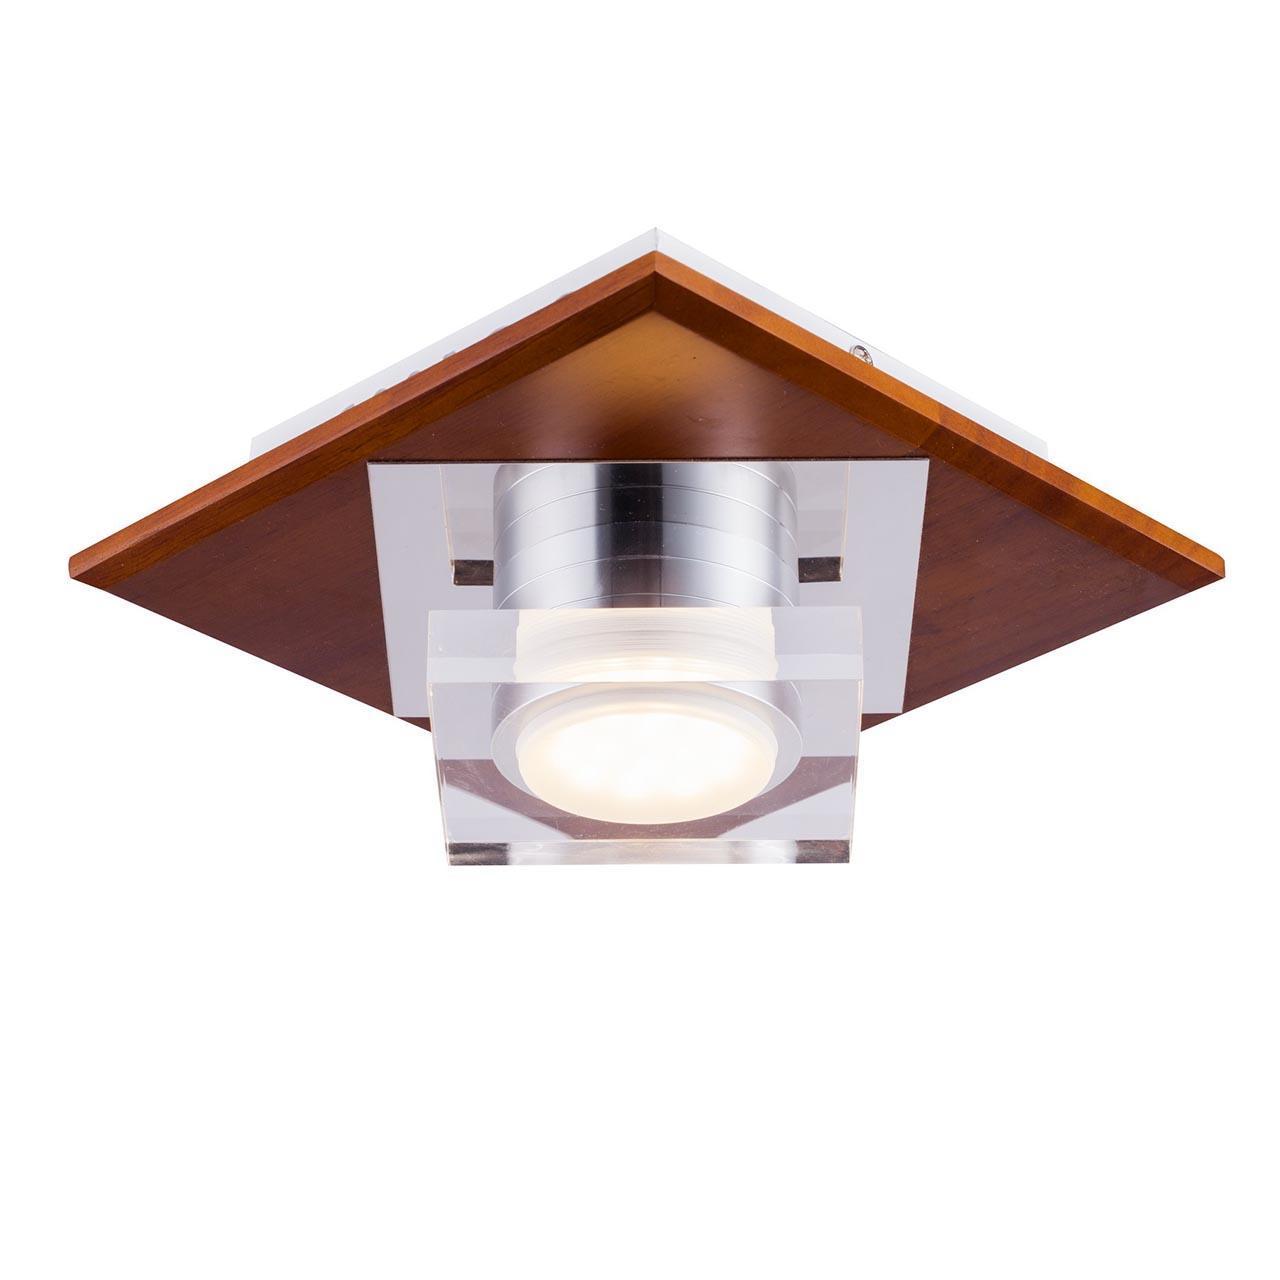 Купить Потолочный светильник Natura Led Venge с плафоном из стекла, inmyroom, Италия